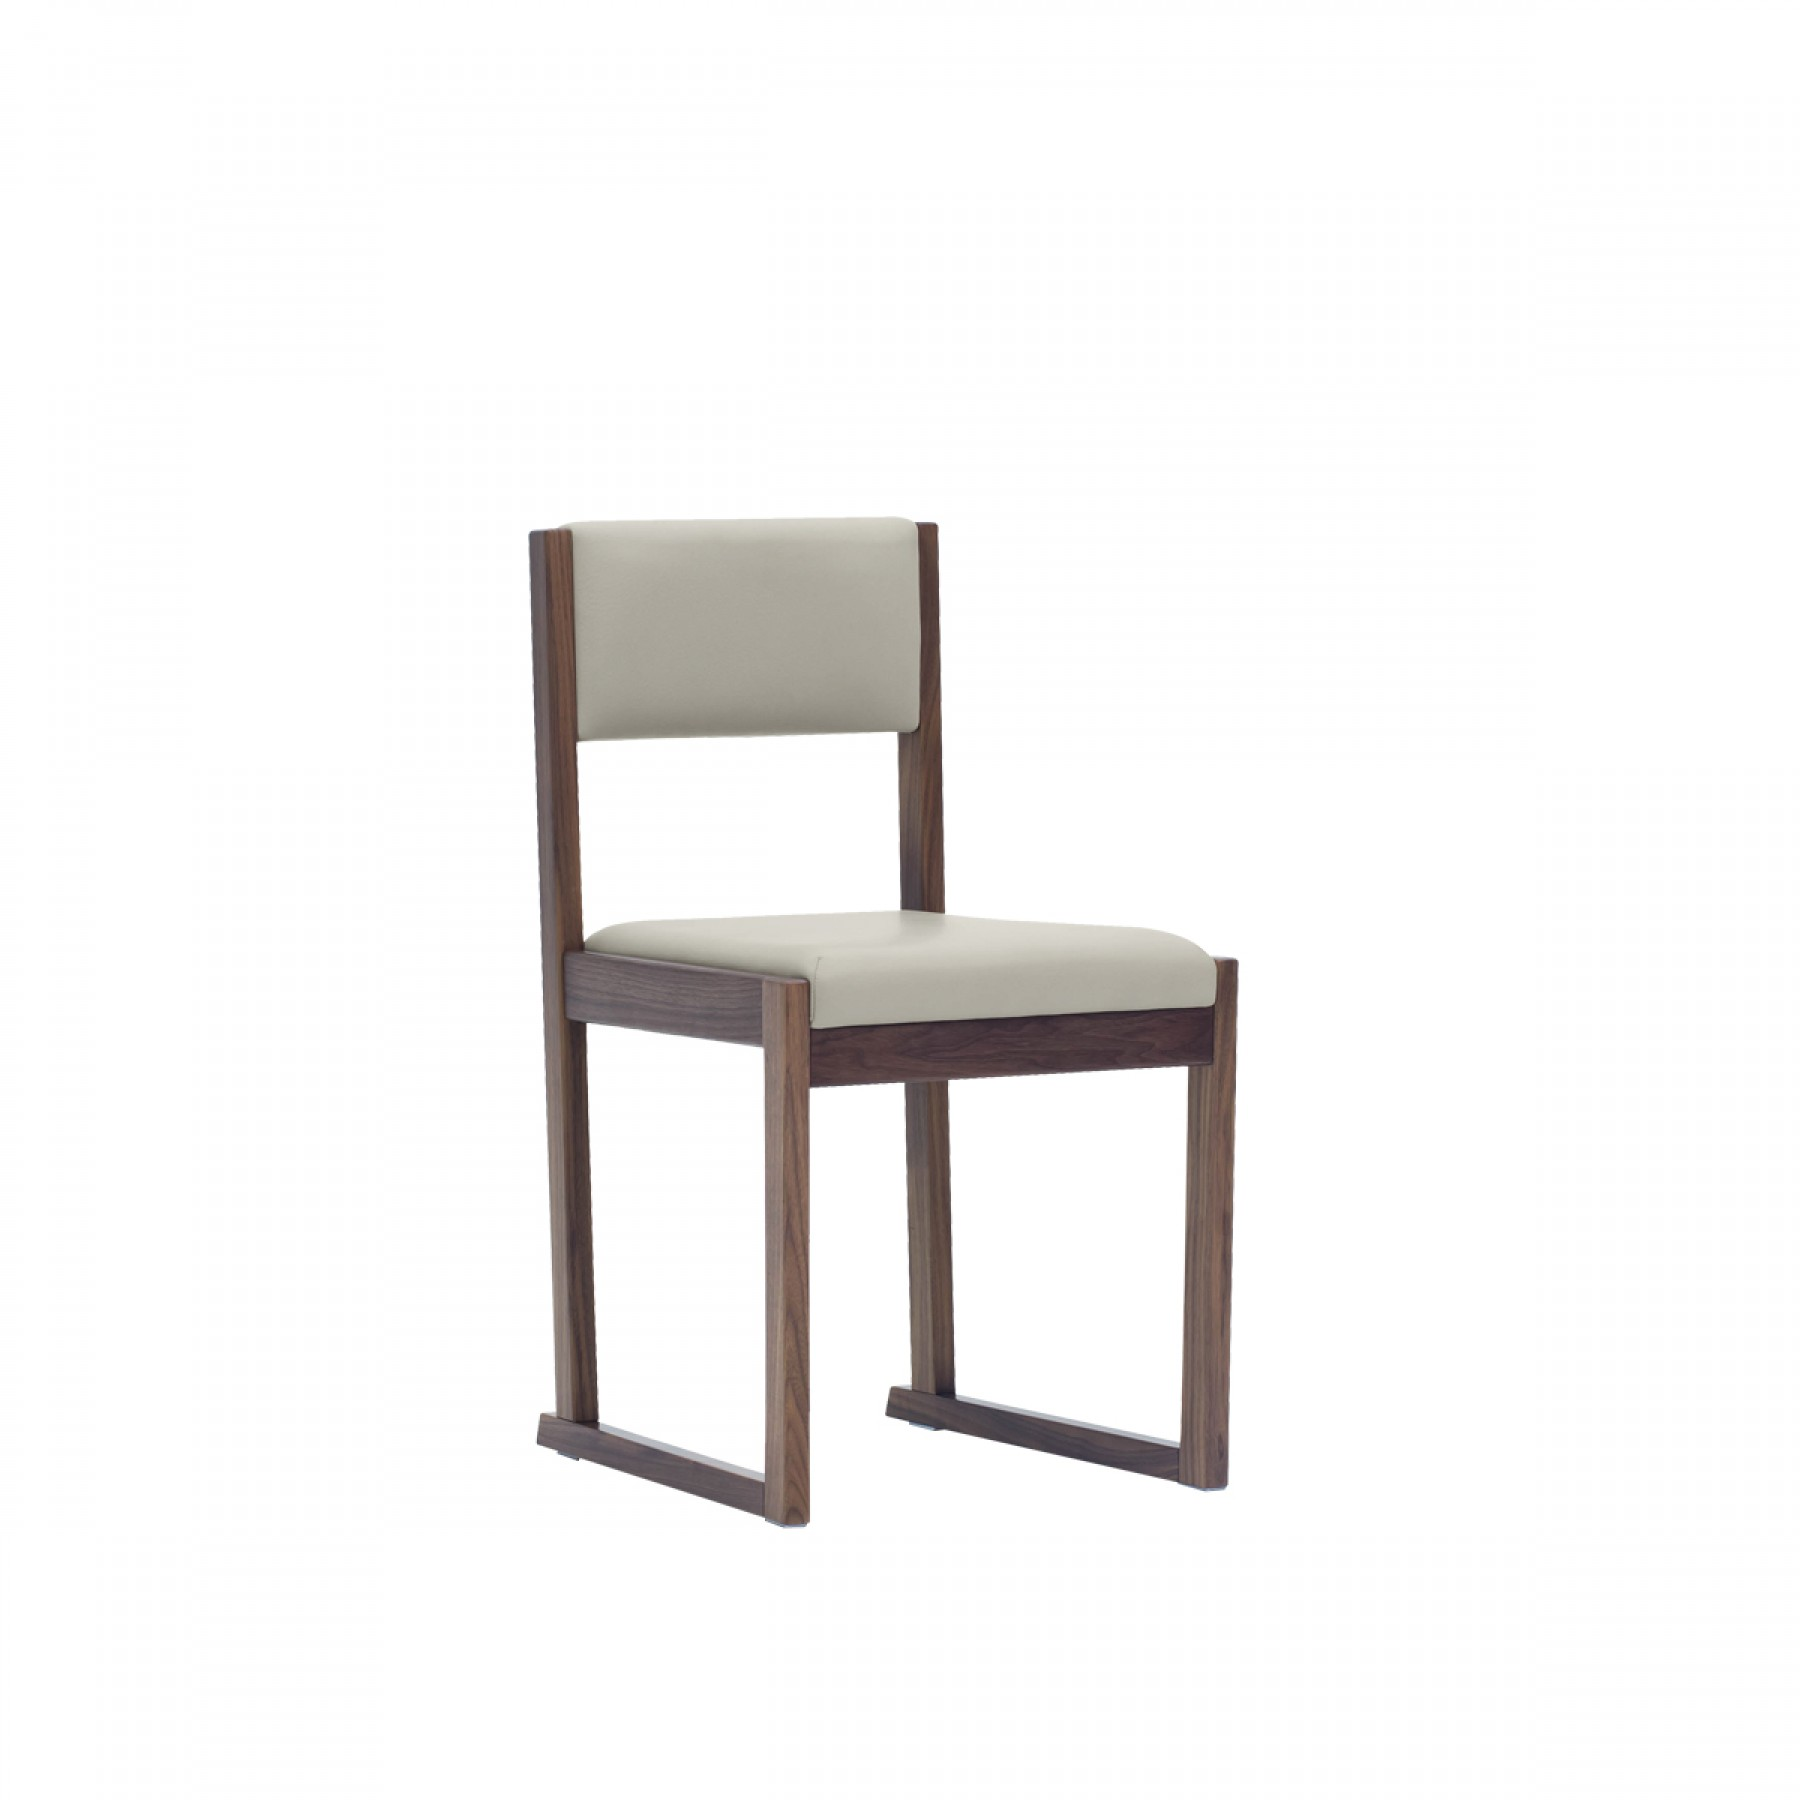 Kell Modern Timber Dining Chair Sleigh Leg